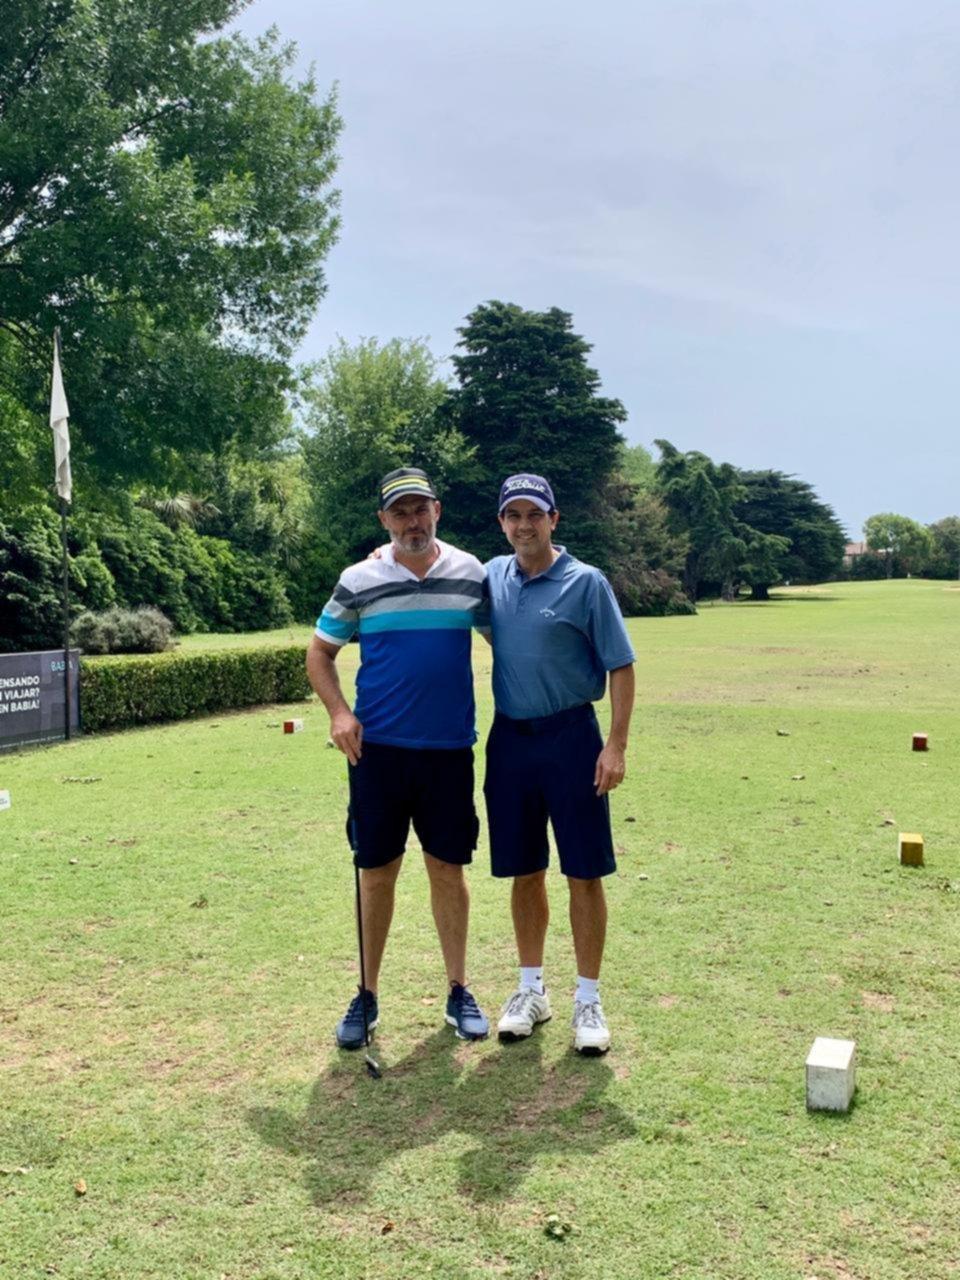 Una tarde a puro sol en las canchas del Norte para jugar a lo que más les gusta: el golf